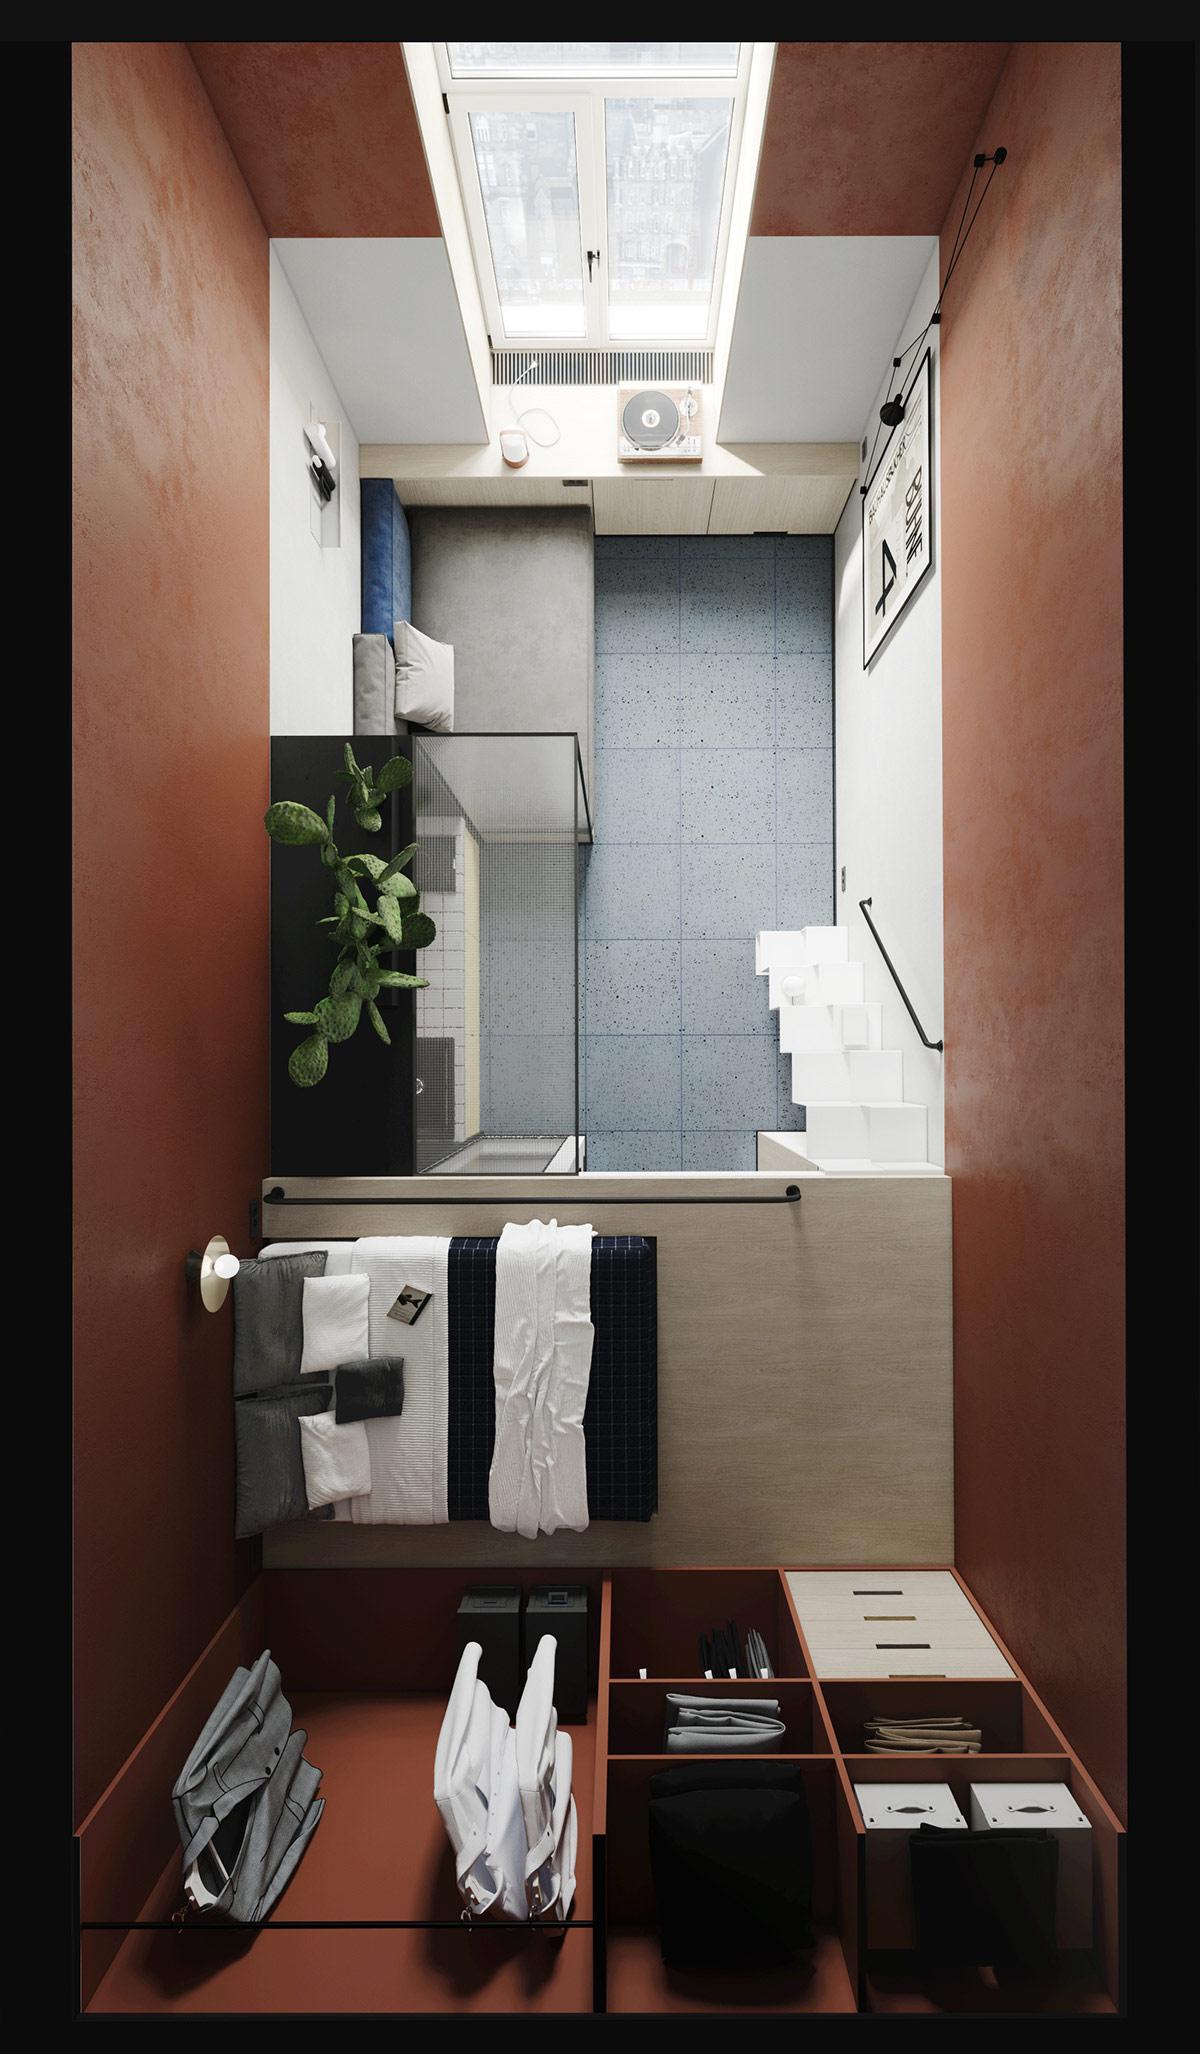 Hình ảnh toàn cảnh nội thất căn hộ studio nhìn từ trên cao.